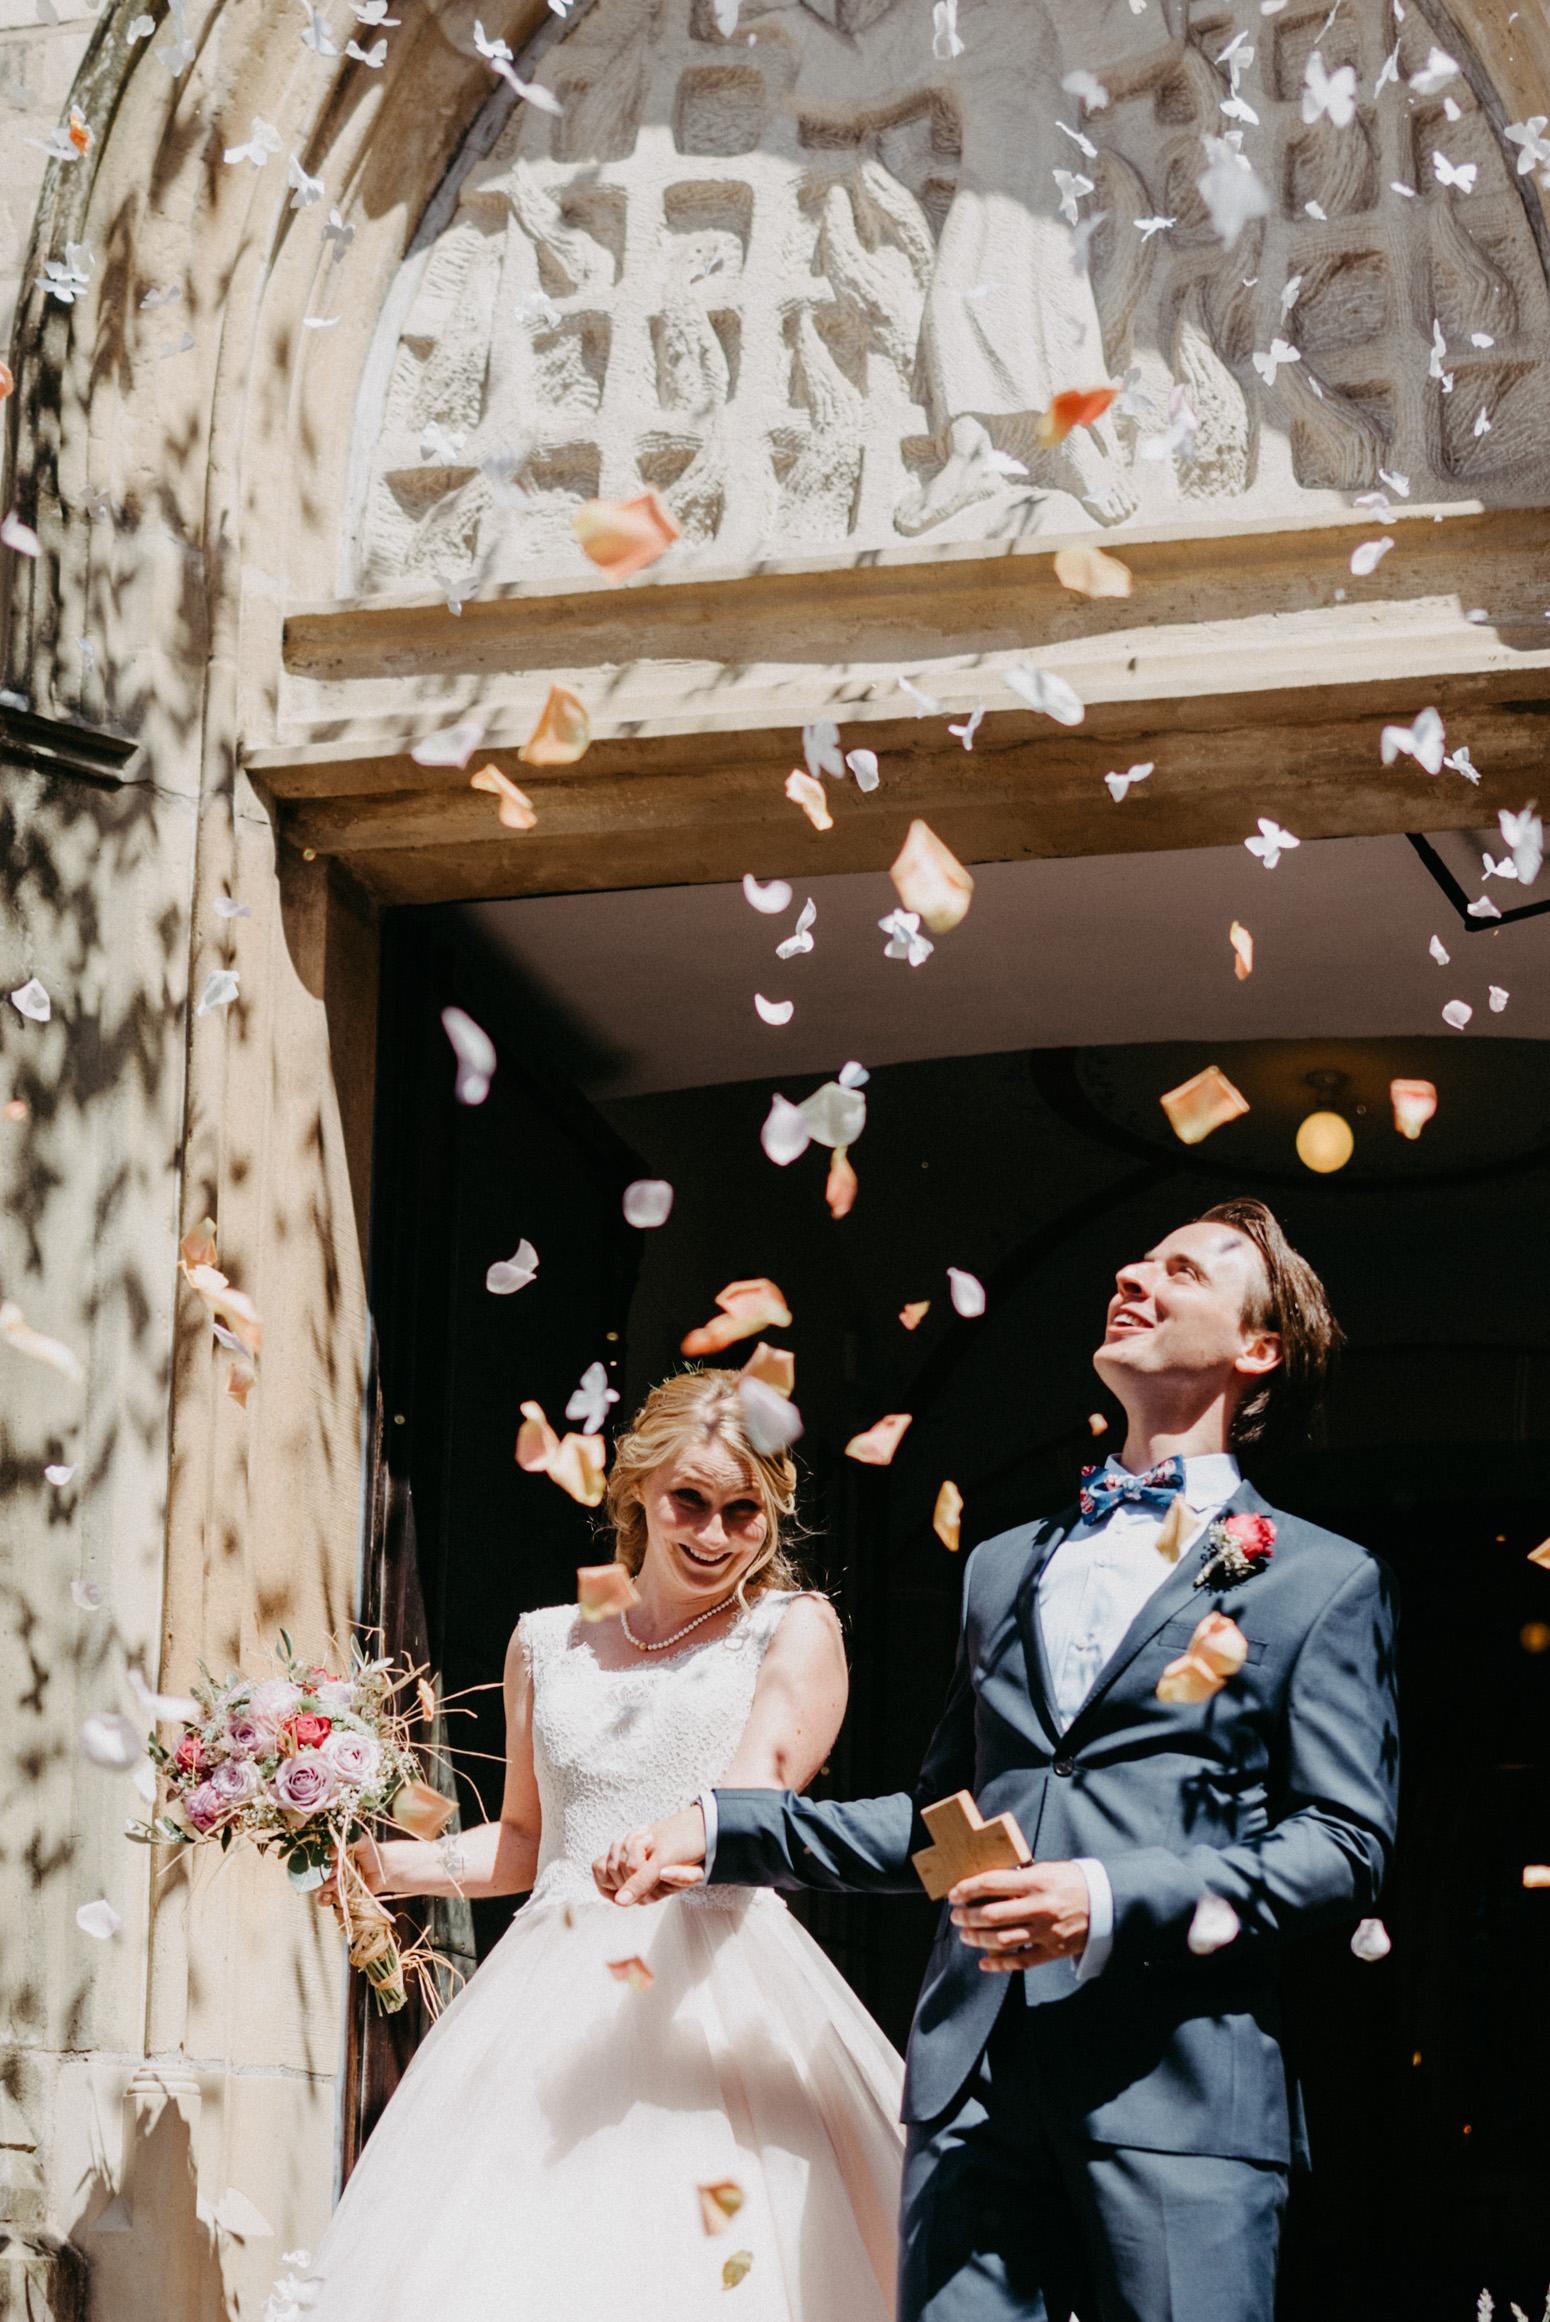 Auszug des Brautpaares aus der Kirche. Fliegendes Konfetti. Hochzeitsfotografin Daria Becker von Genuine Bonds aus Bonn